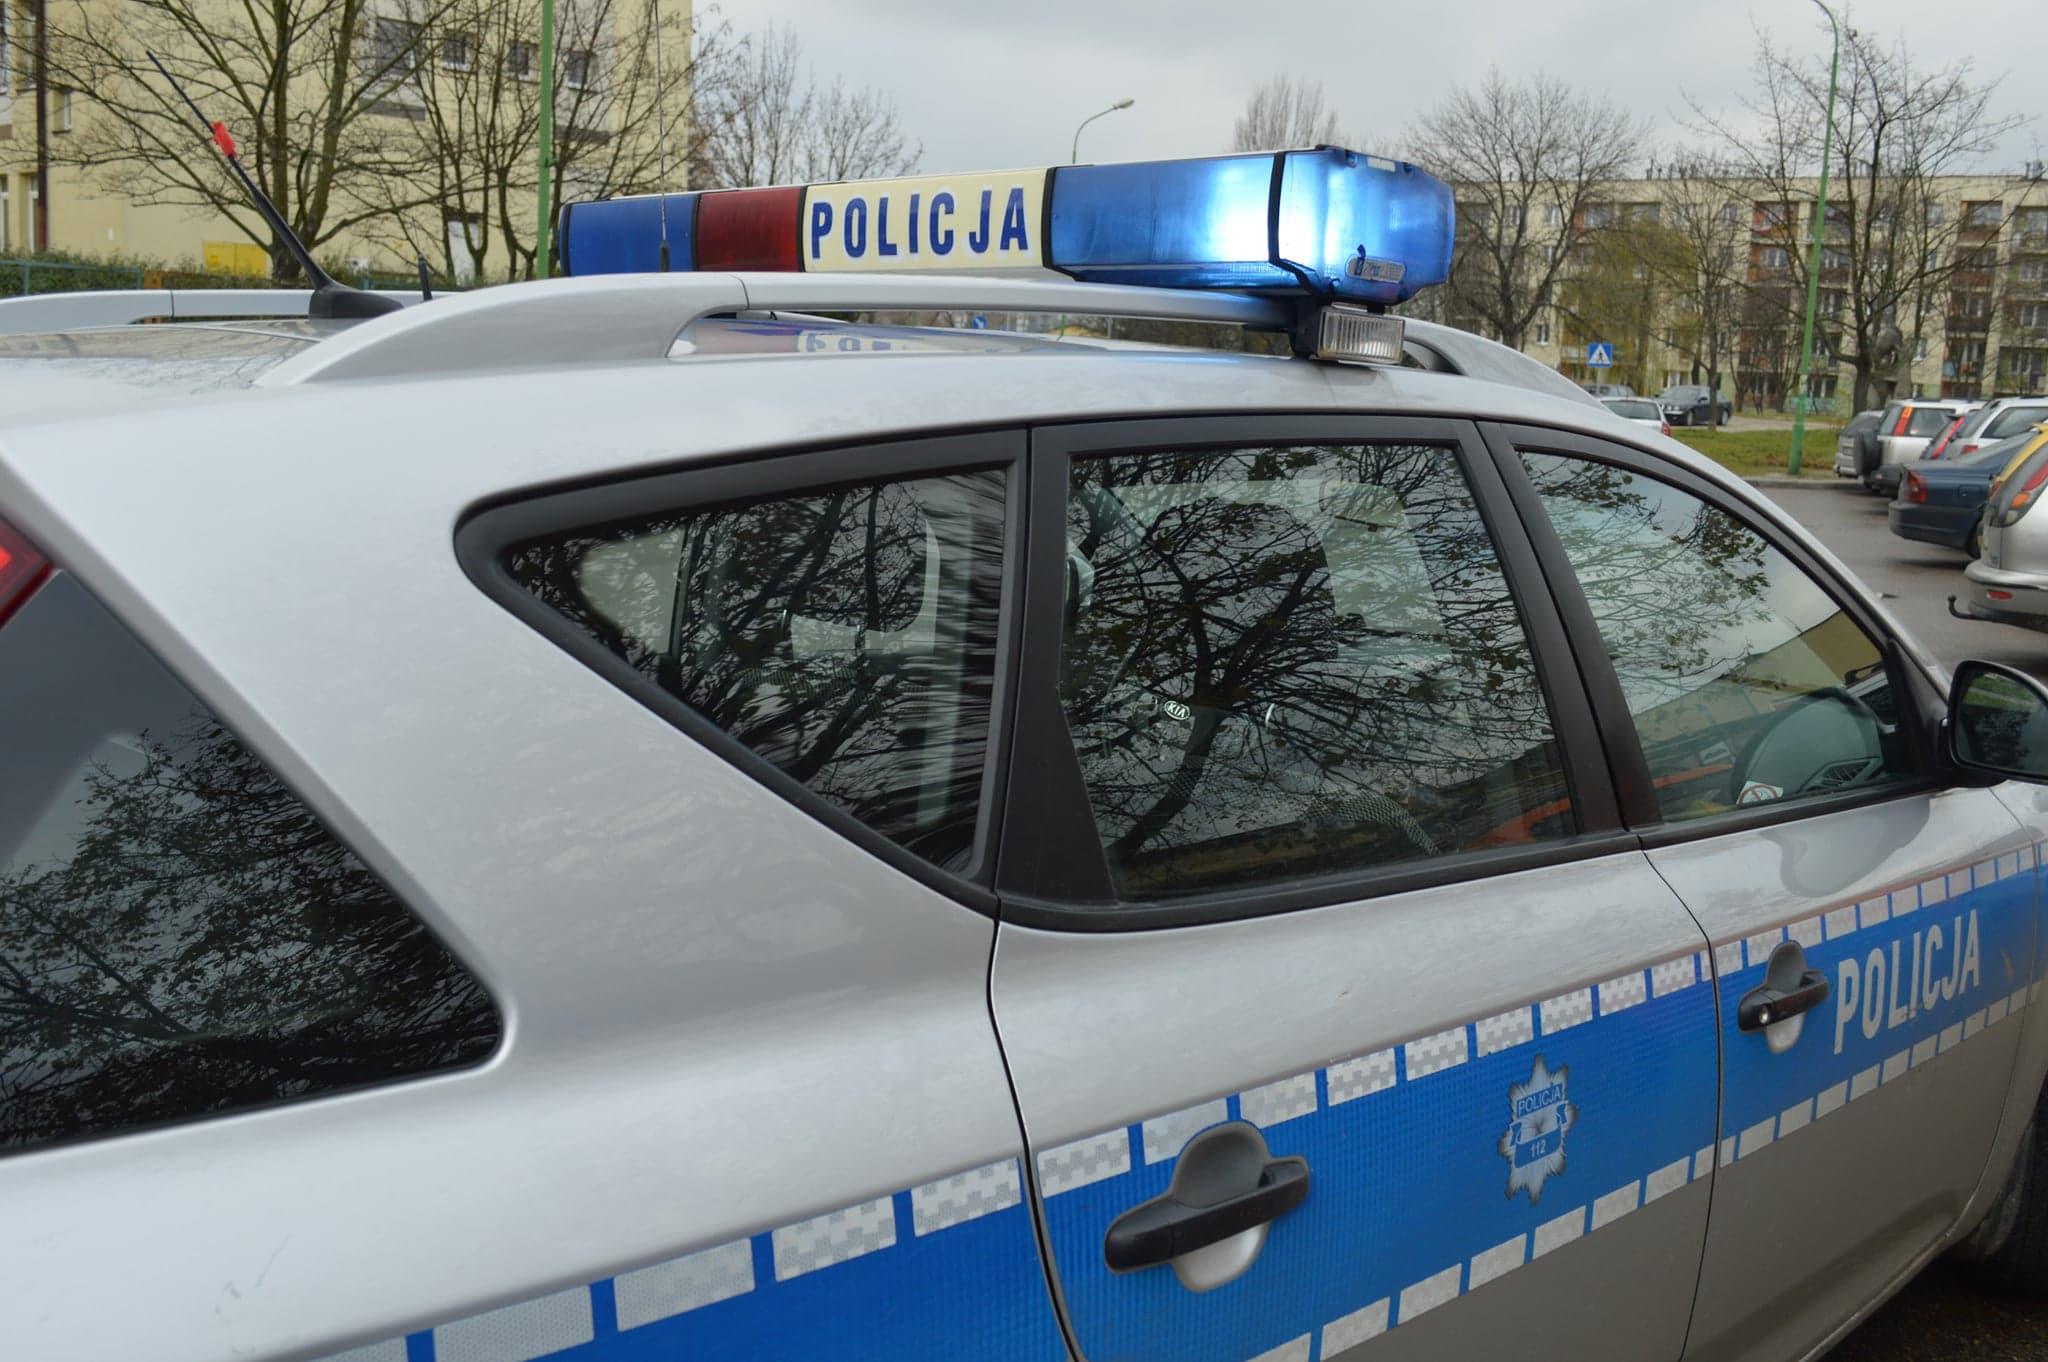 Kaskadowy pomiar prędkości – ogólnopolskie działania Policji - Zdjęcie główne